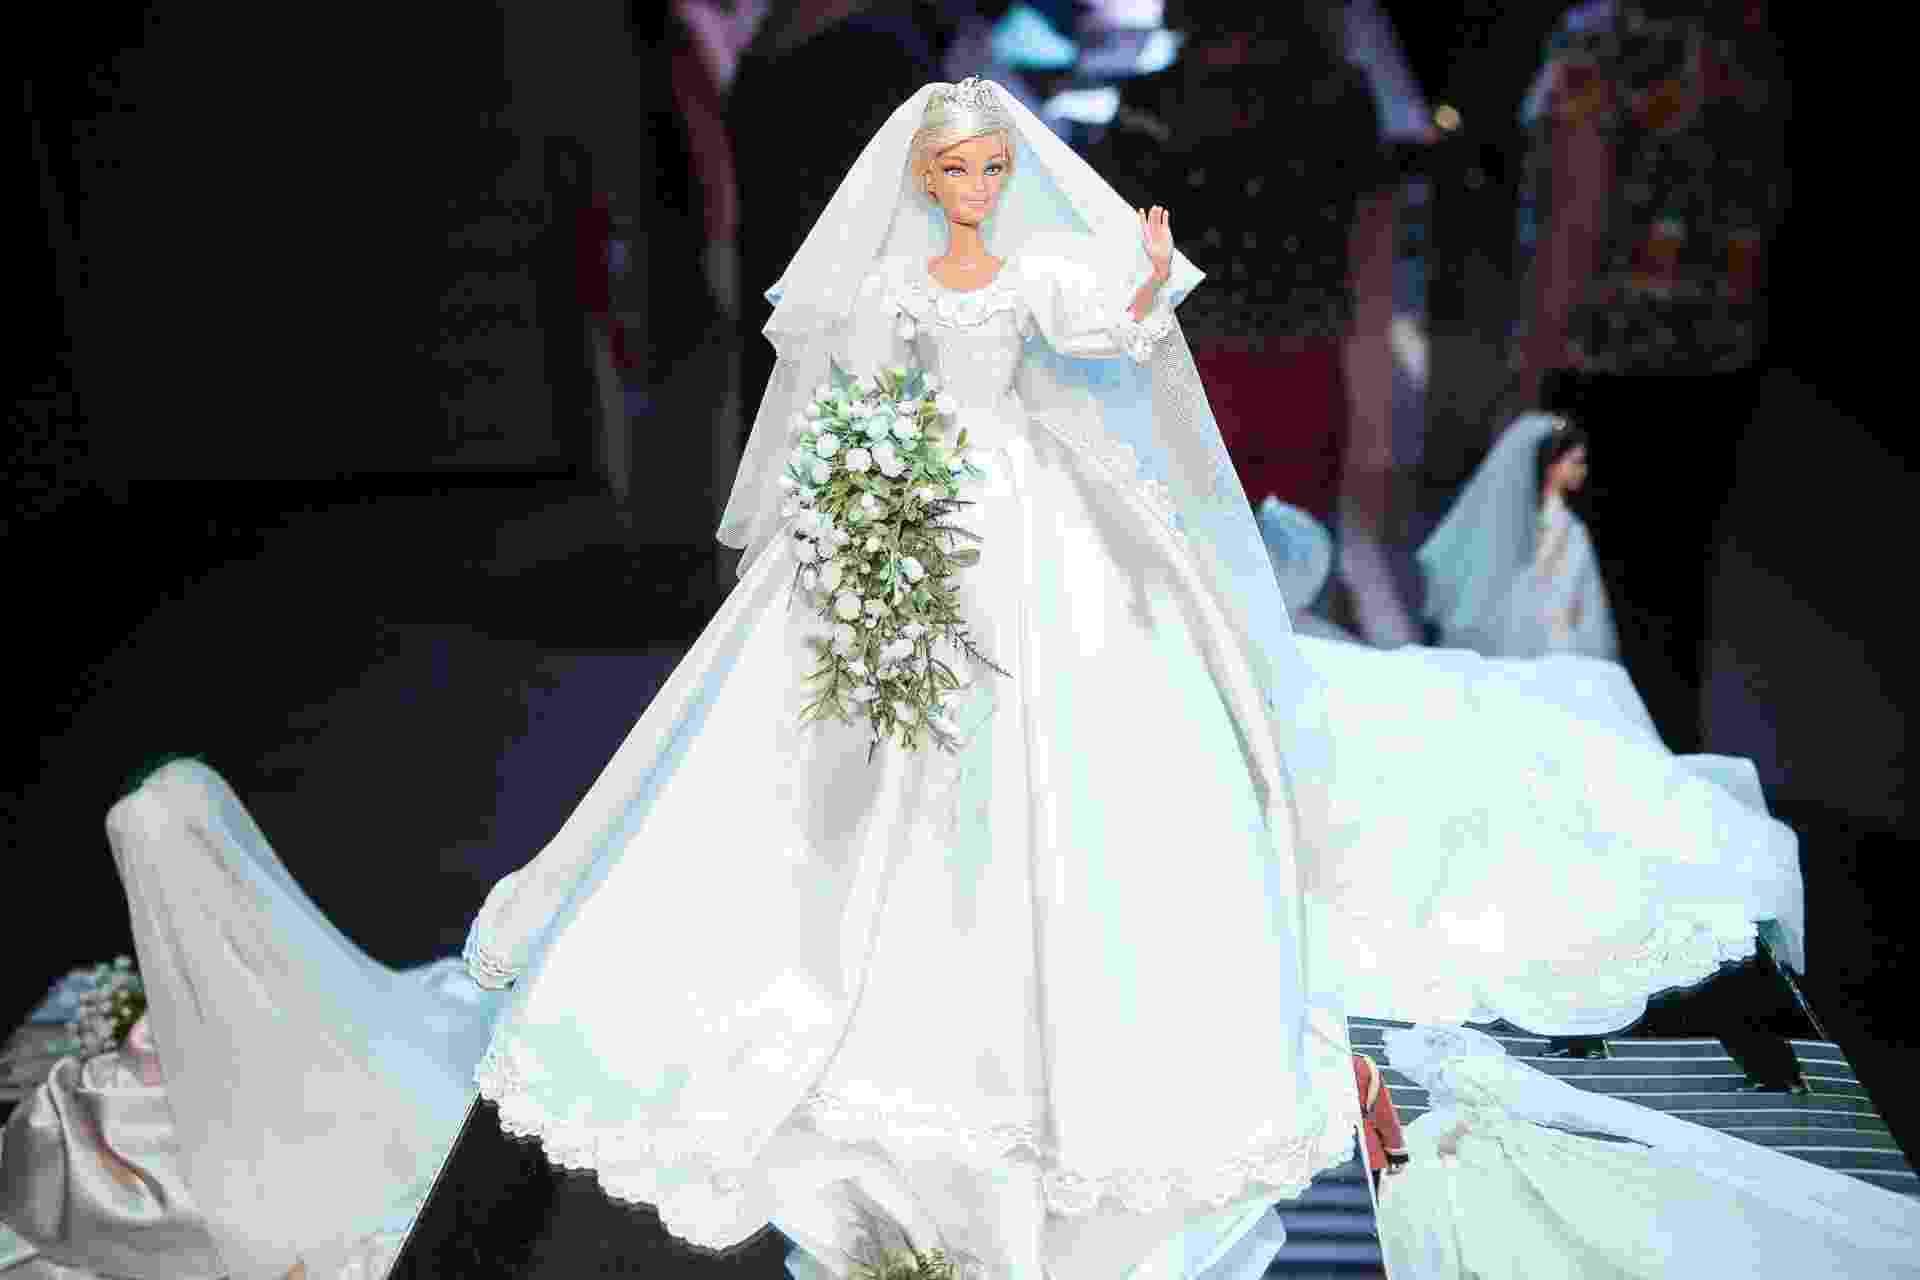 (11.abr.2014) A boneca Barbie vestida com réplica de vestido de casamento da princesa Diana foi exposta na 3ª edição do Casamoda Noivas. Todo o look, incluindo cabelos e buquê, é feito pelo artista Sam Murakammi, que aprendeu sozinho uma técnica para reproduzir roupas e acessórios com detalhes. Murakammi também faz réplicas sob encomendas para noivas por R$ 1.000 - Rodrigo Capote/UOL